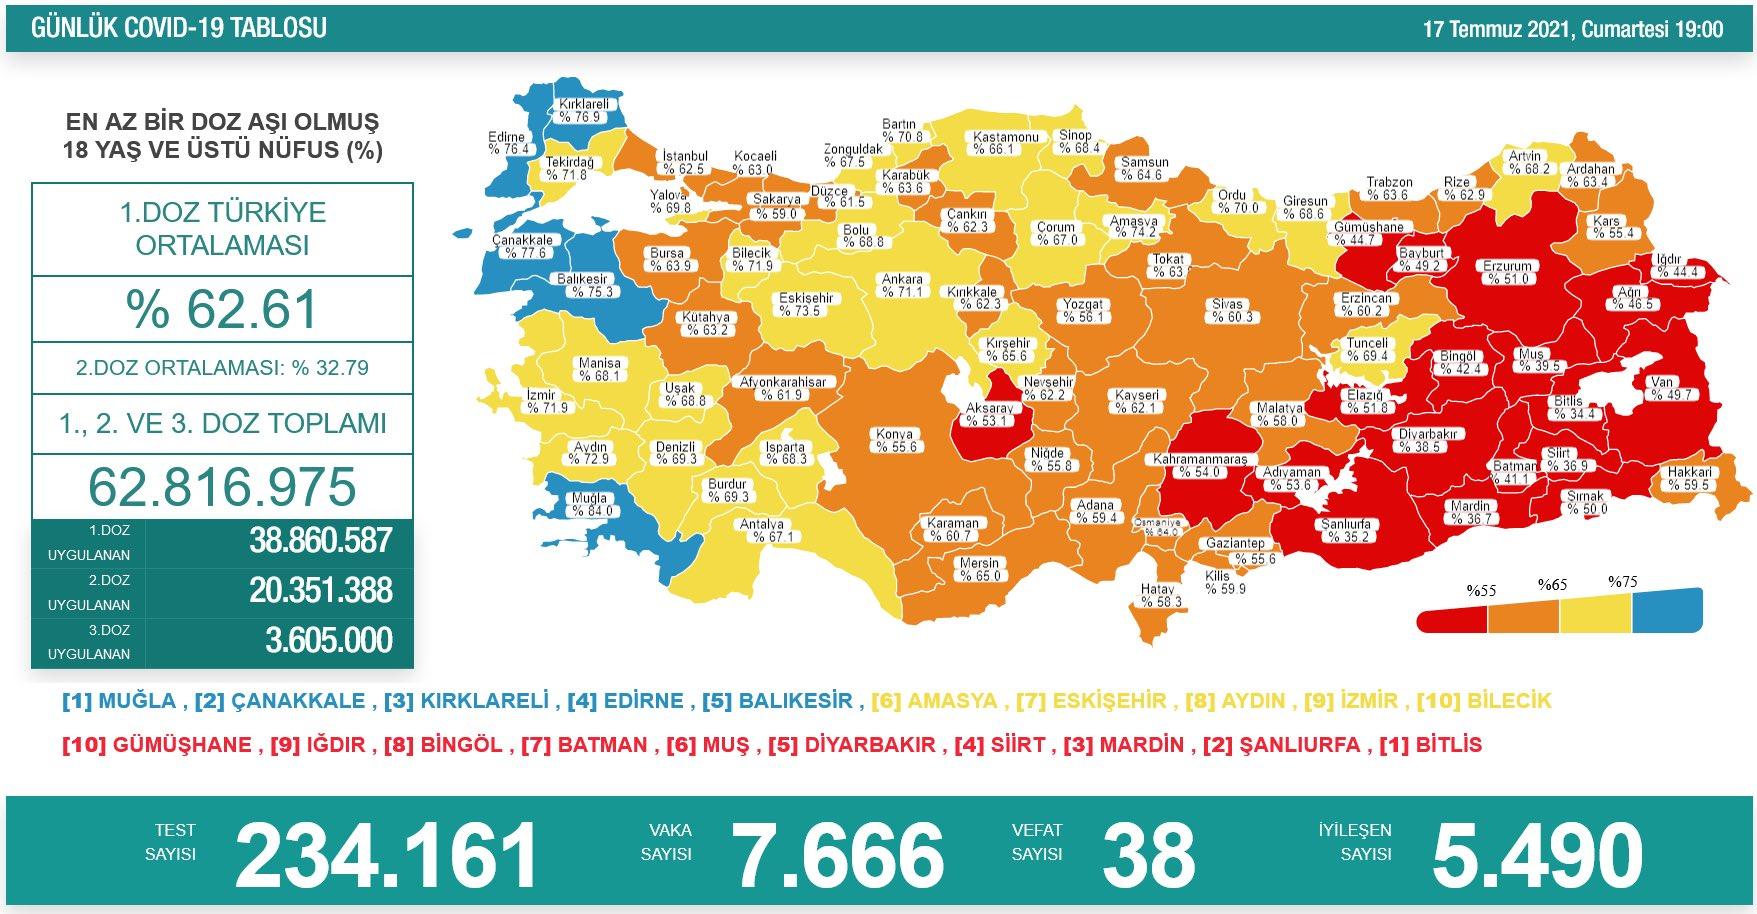 17 Temmuz 2021 Türkiye Koronavirüs Tablosu Açıkladı